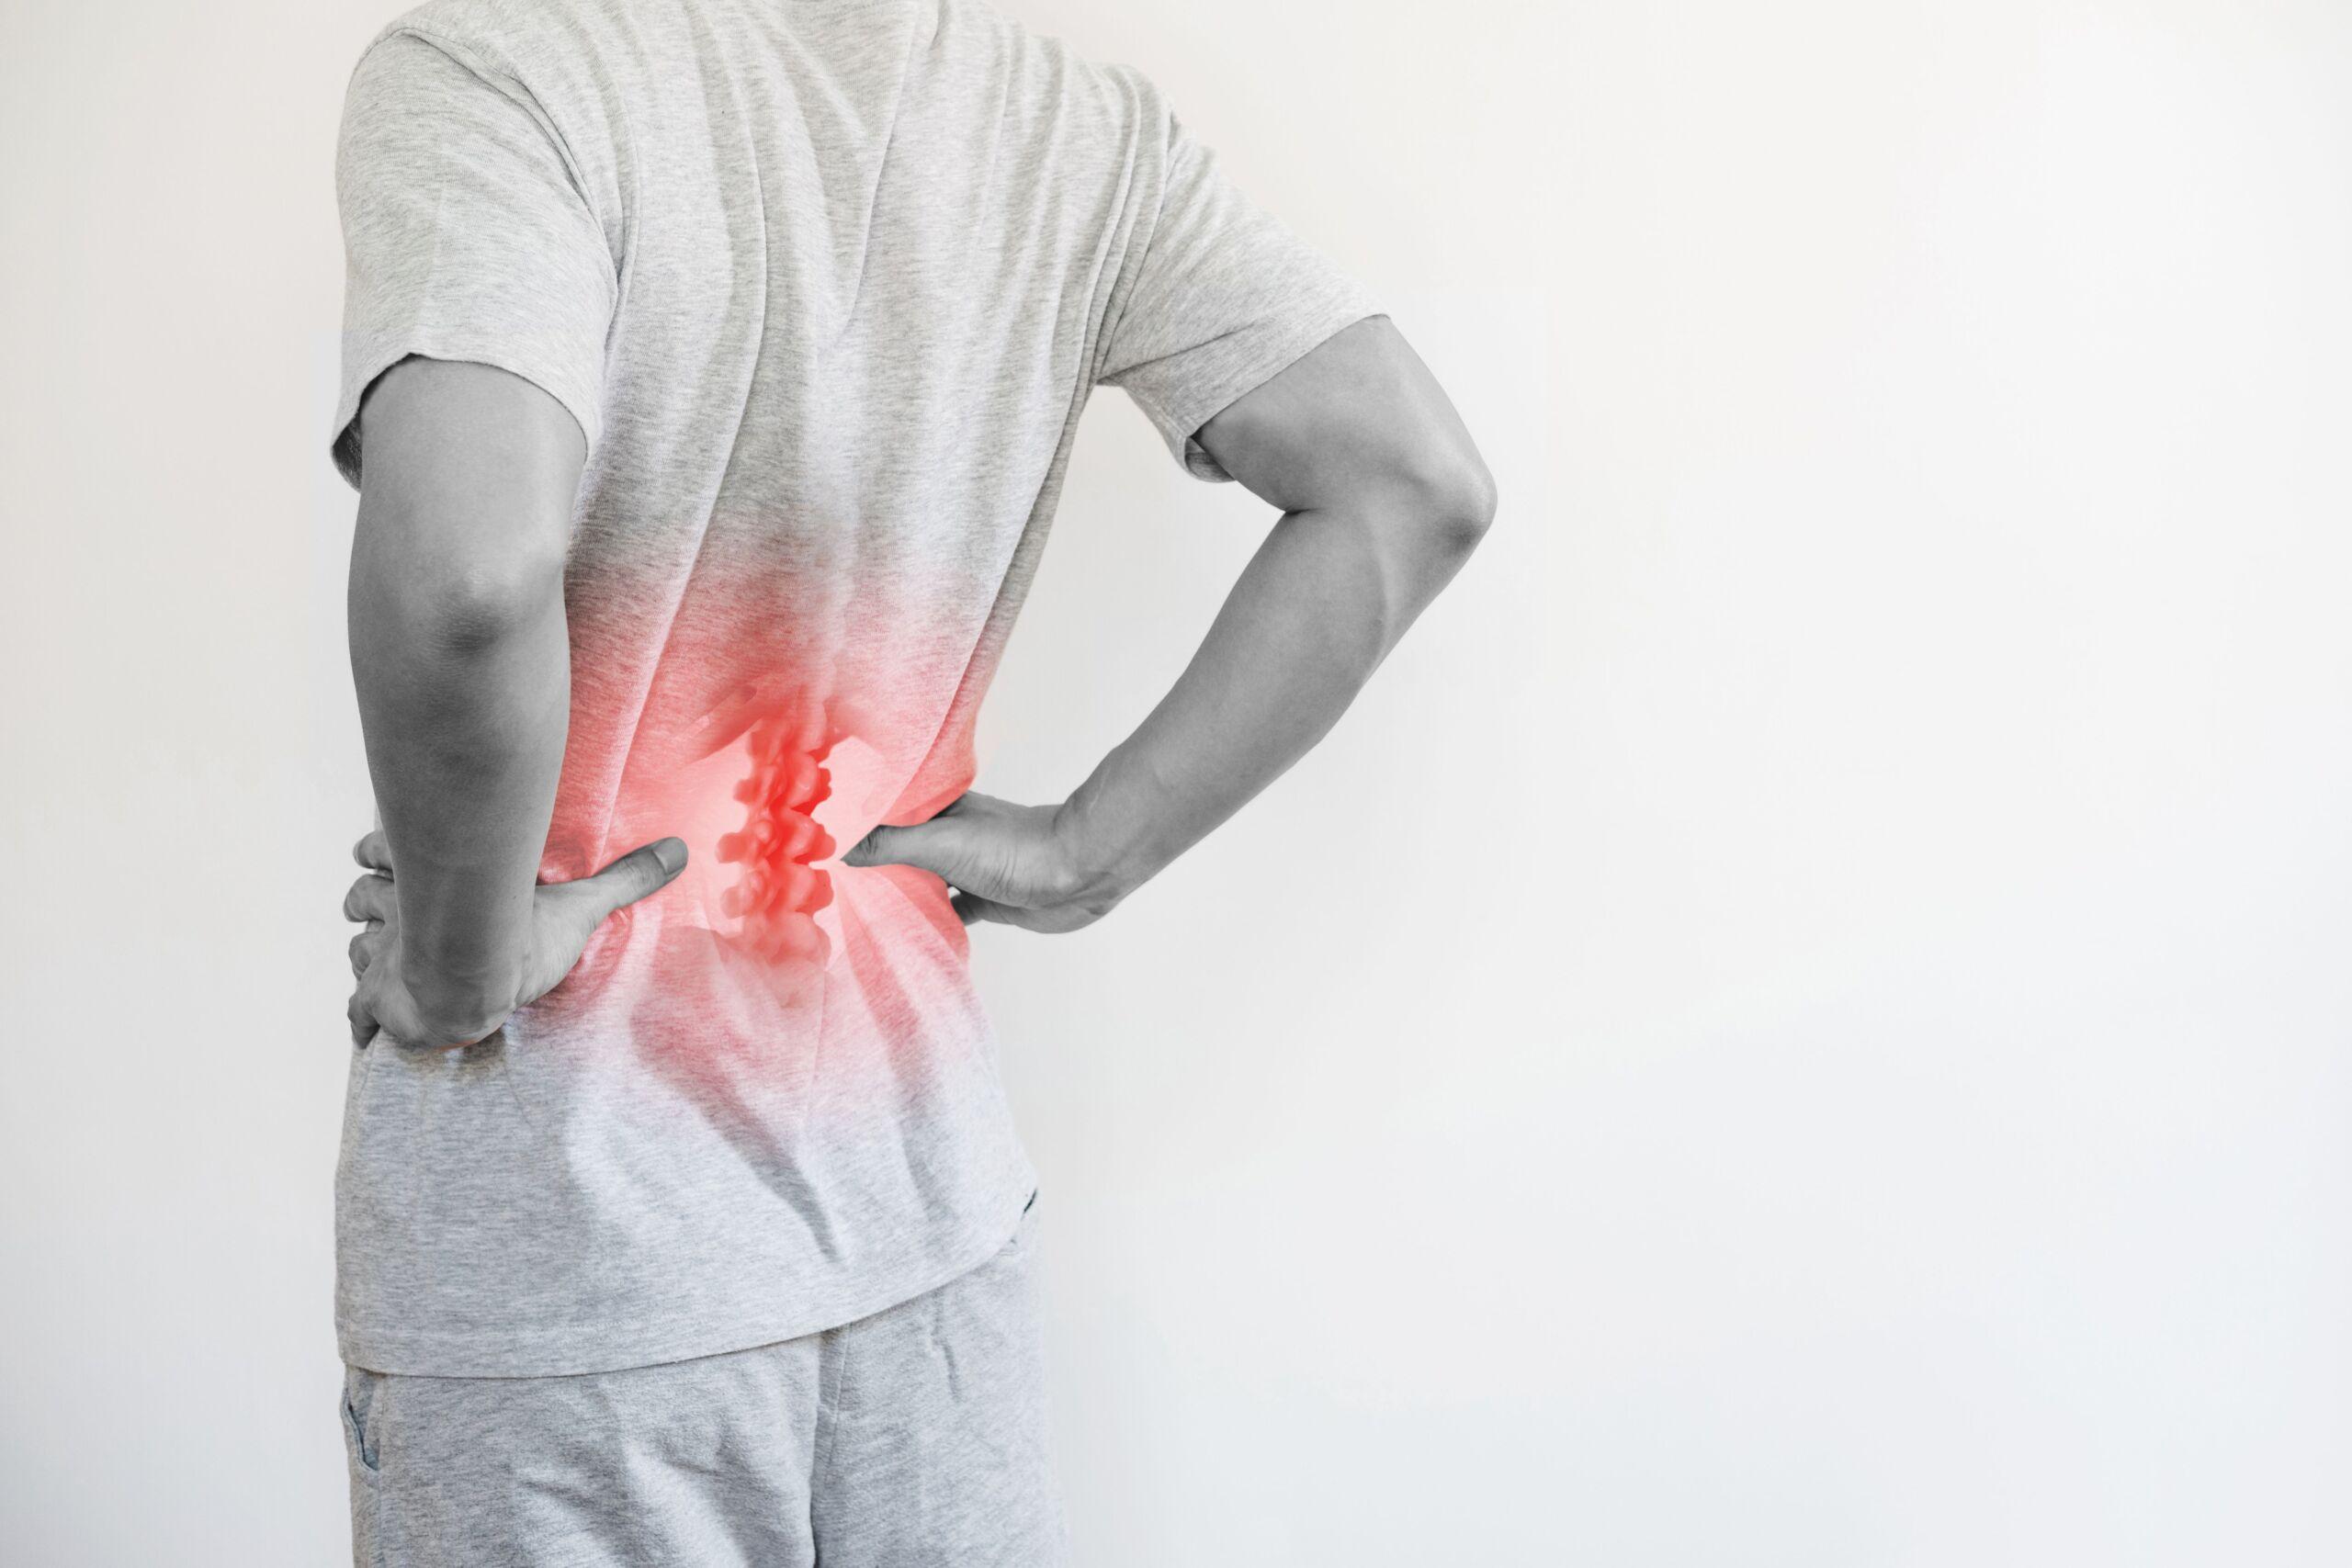 Mann beugt sich vor Rückenschmerzen